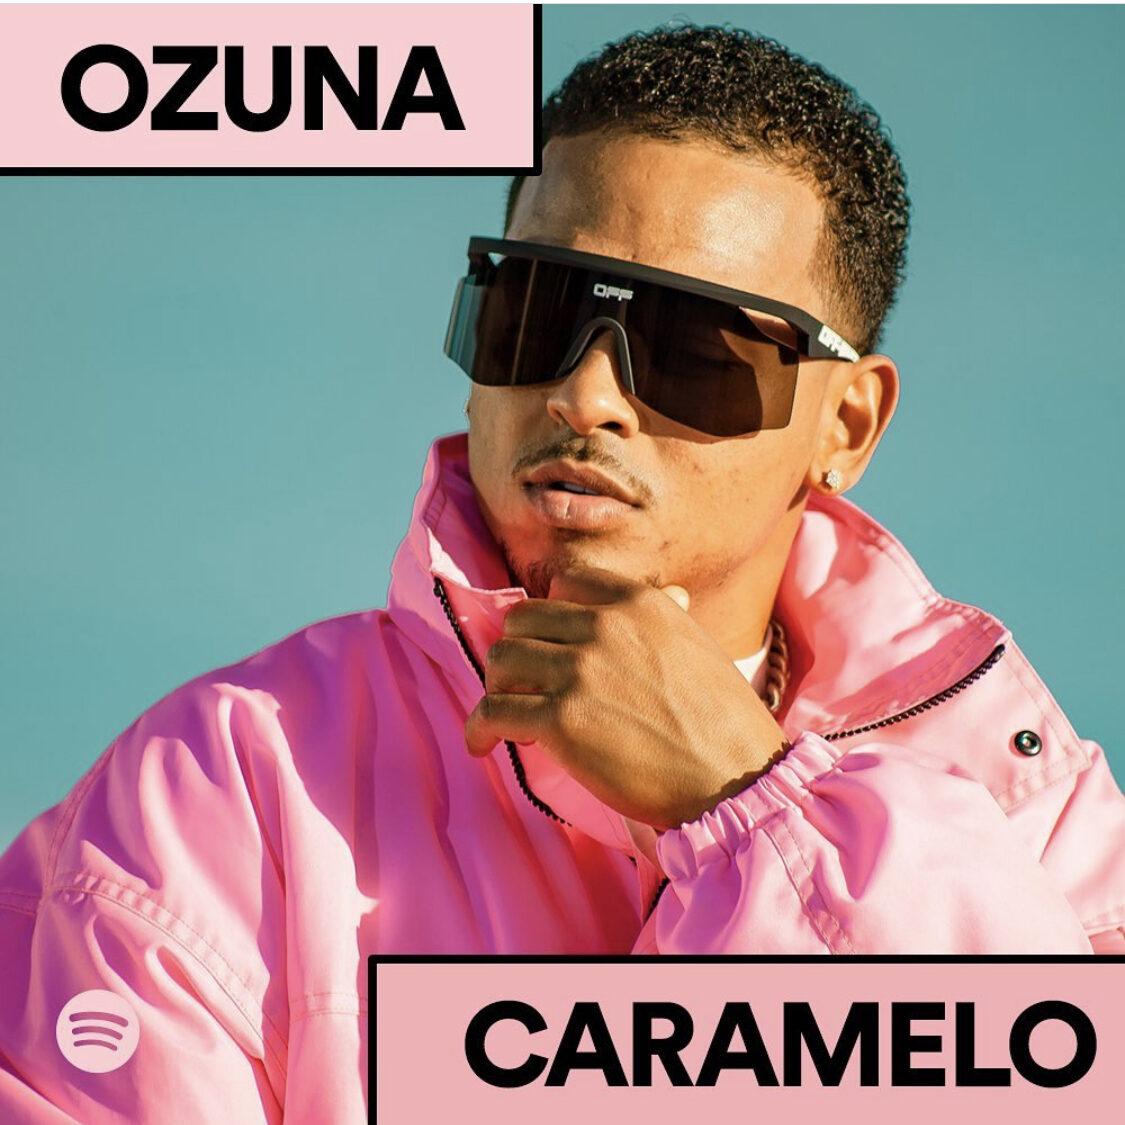 Ozuna Anuncia Musica Nueva – CARAMELO